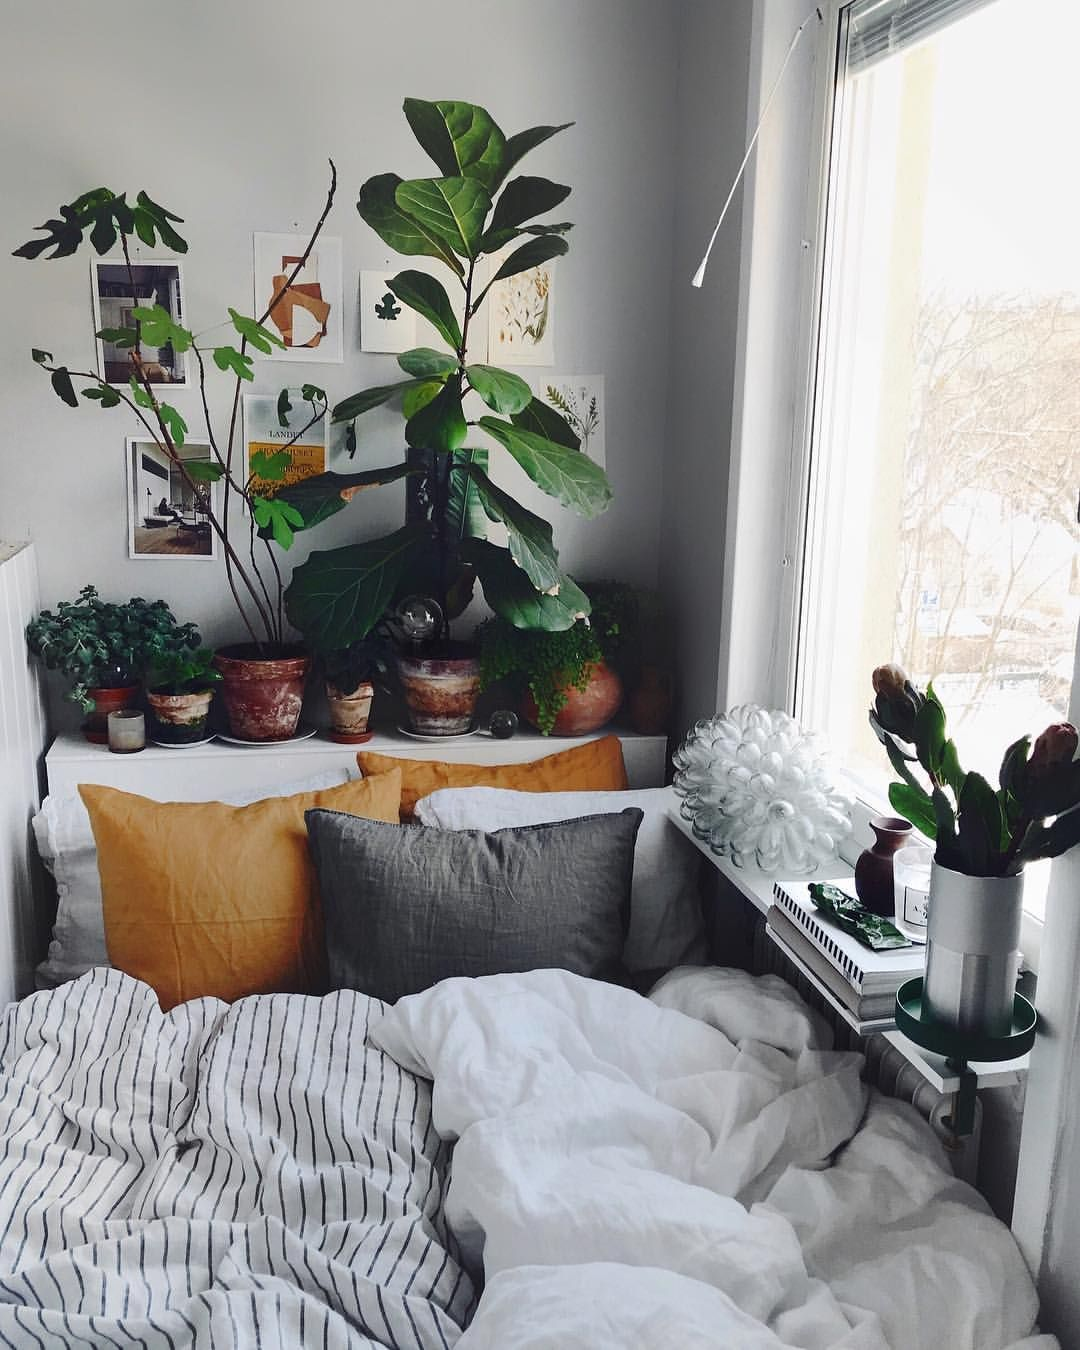 Épinglé par Sarah Ghenissa sur Home | Pinterest